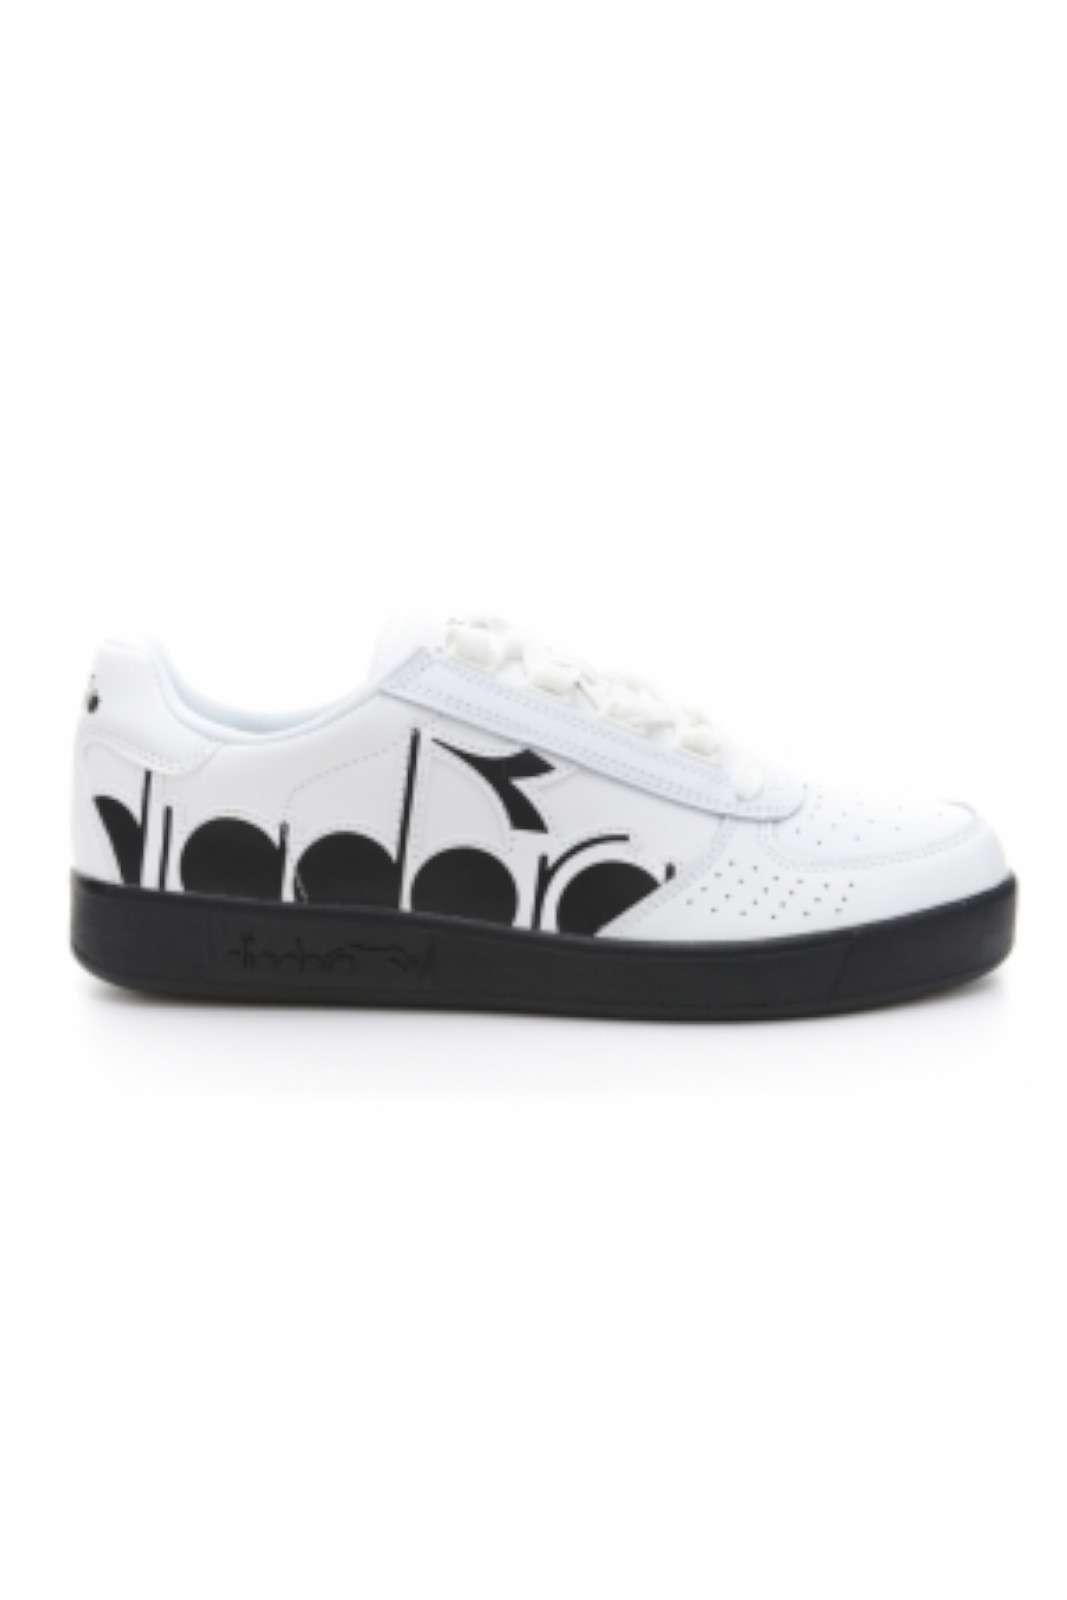 Una sneakers unisex quella proposta dalla collezione Diadora. Da indossare nelle giornate quotidiane con outfit sempre diversi e alla moda.